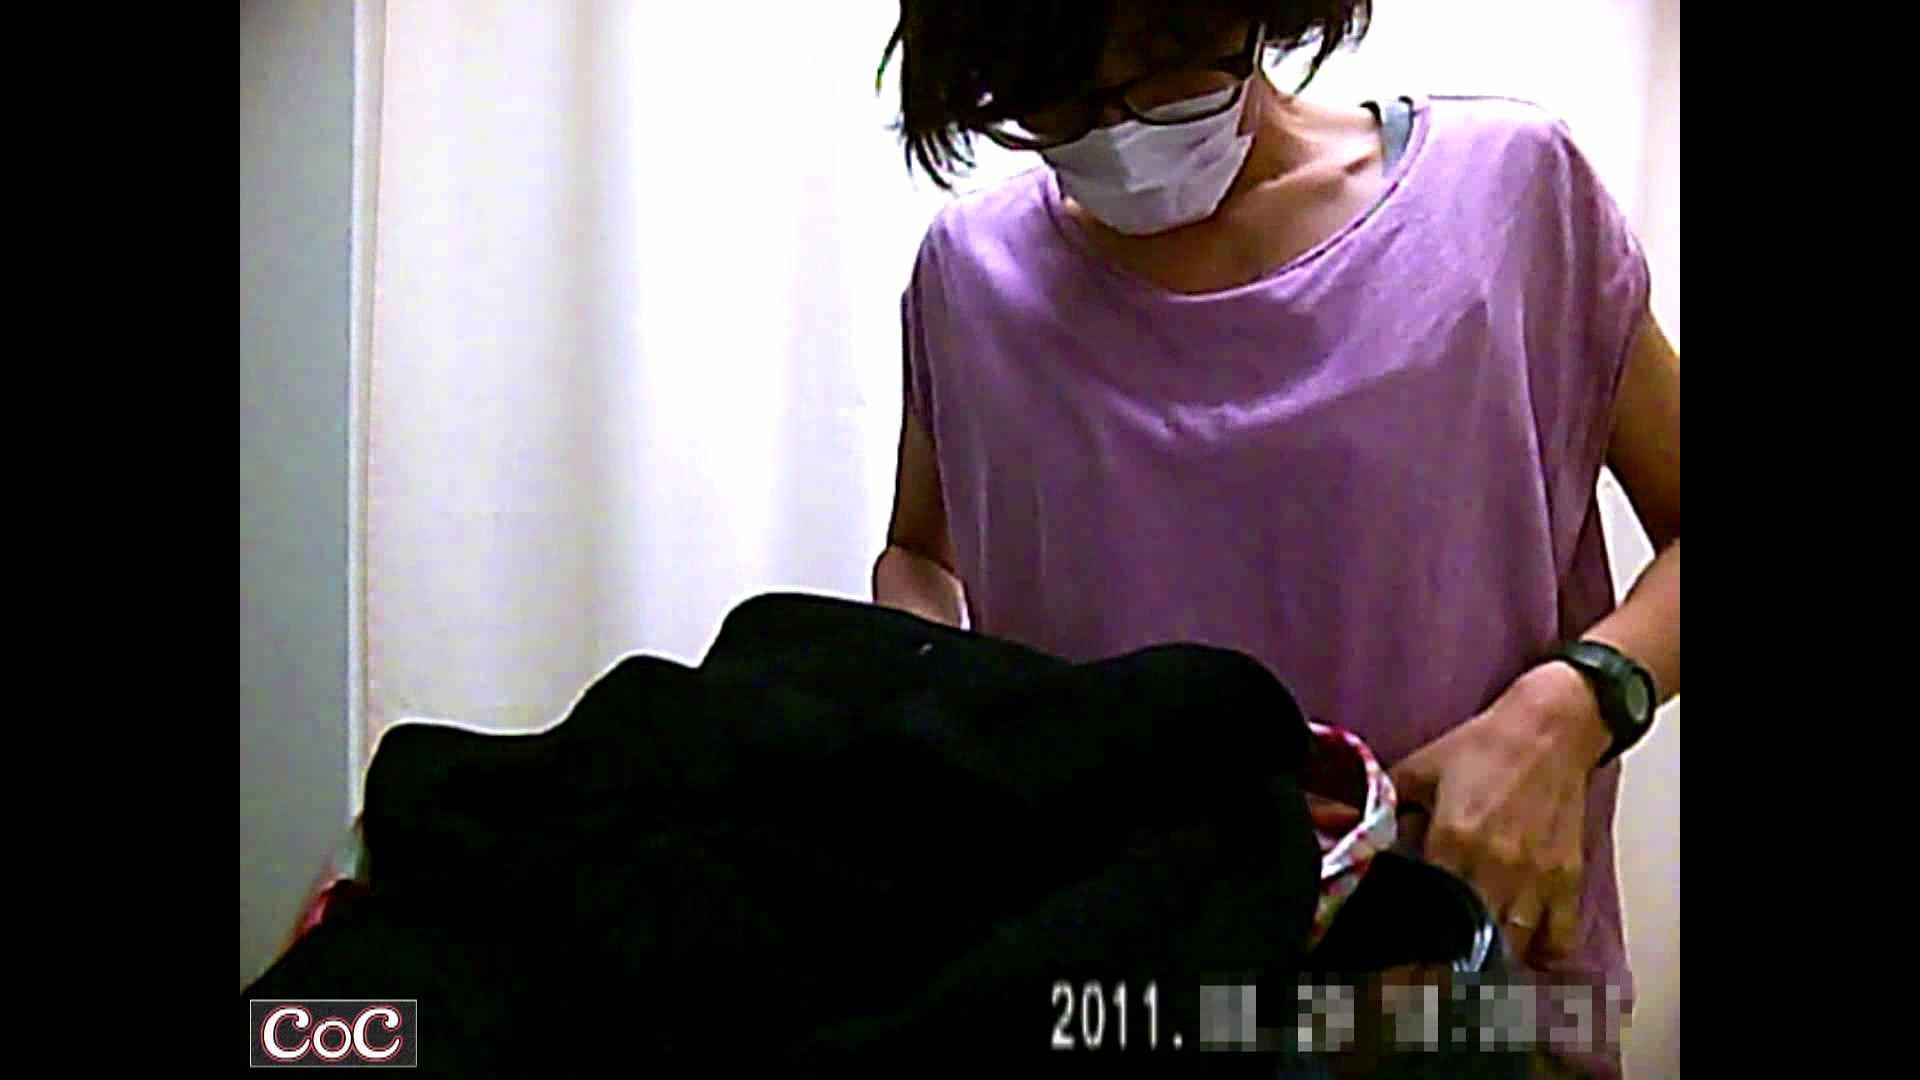 病院おもいっきり着替え! vol.17 独身エッチOL   綺麗なおっぱい  92pic 33